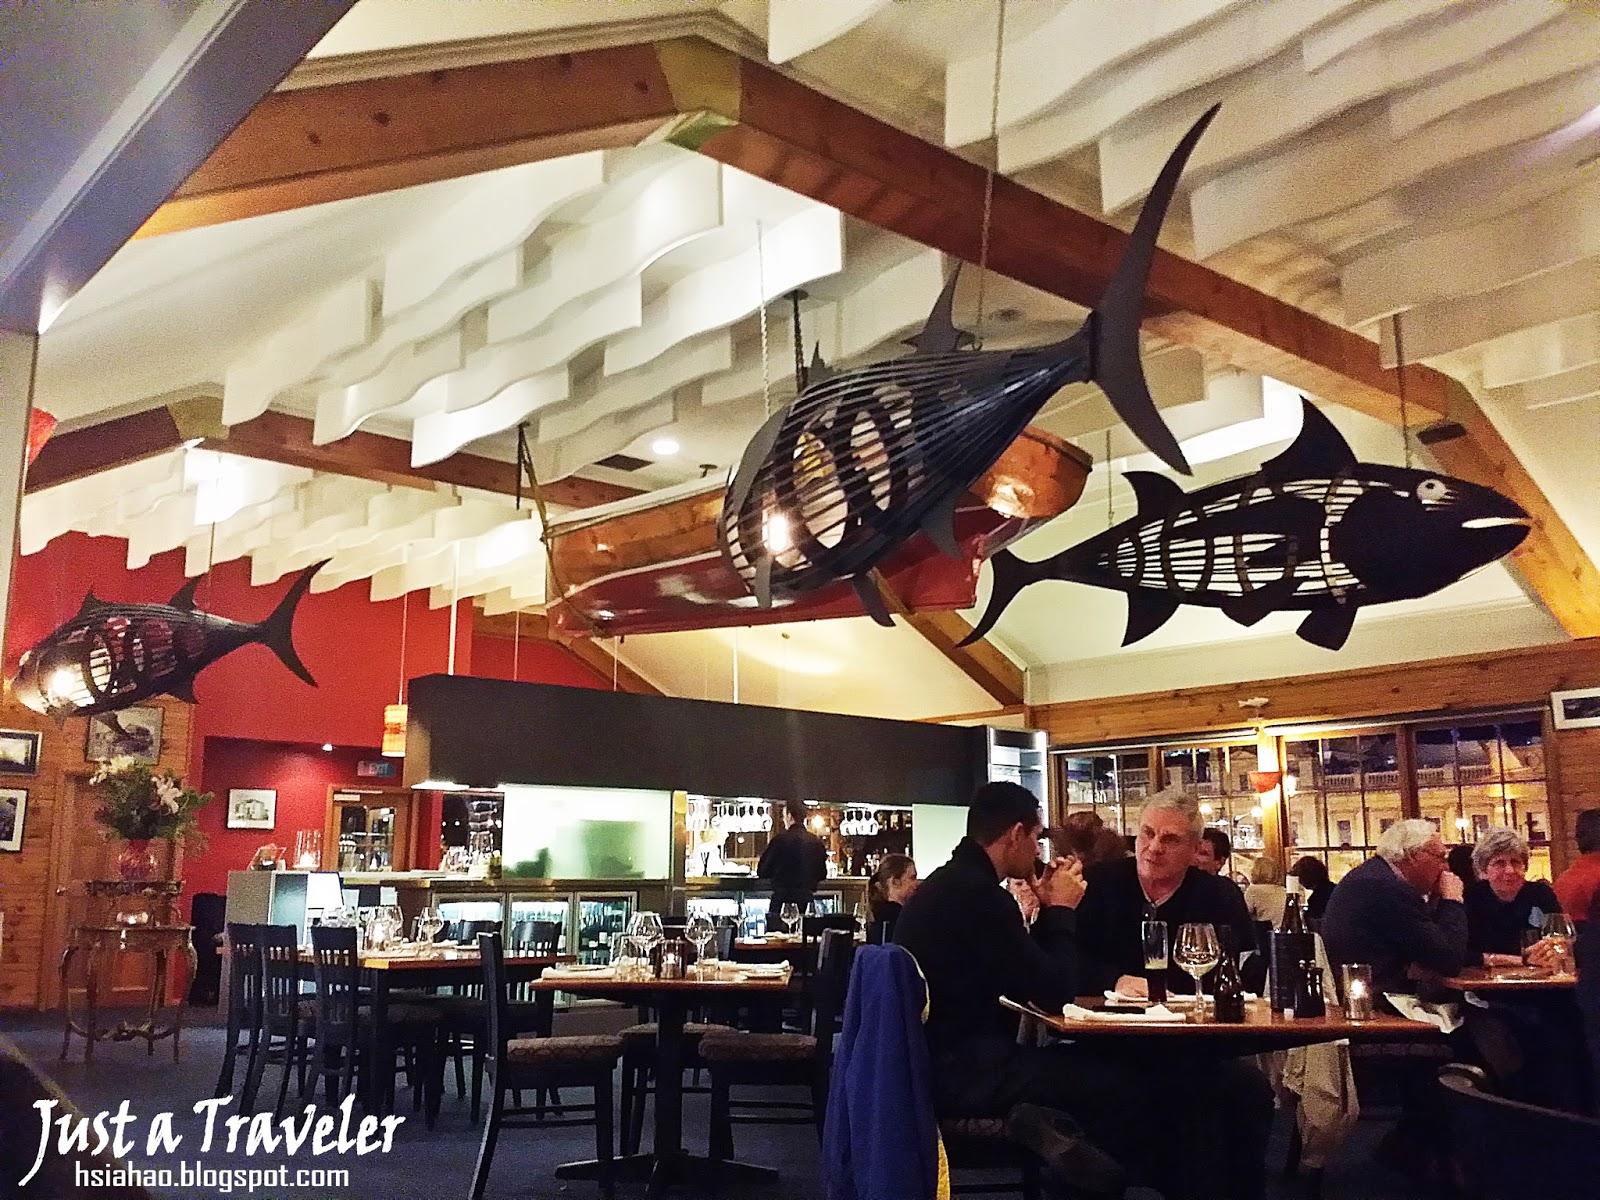 塔斯馬尼亞-景點-Tasmania-Mures-美食-海鮮-澳洲-Tasmania-Sea-Food-Australia